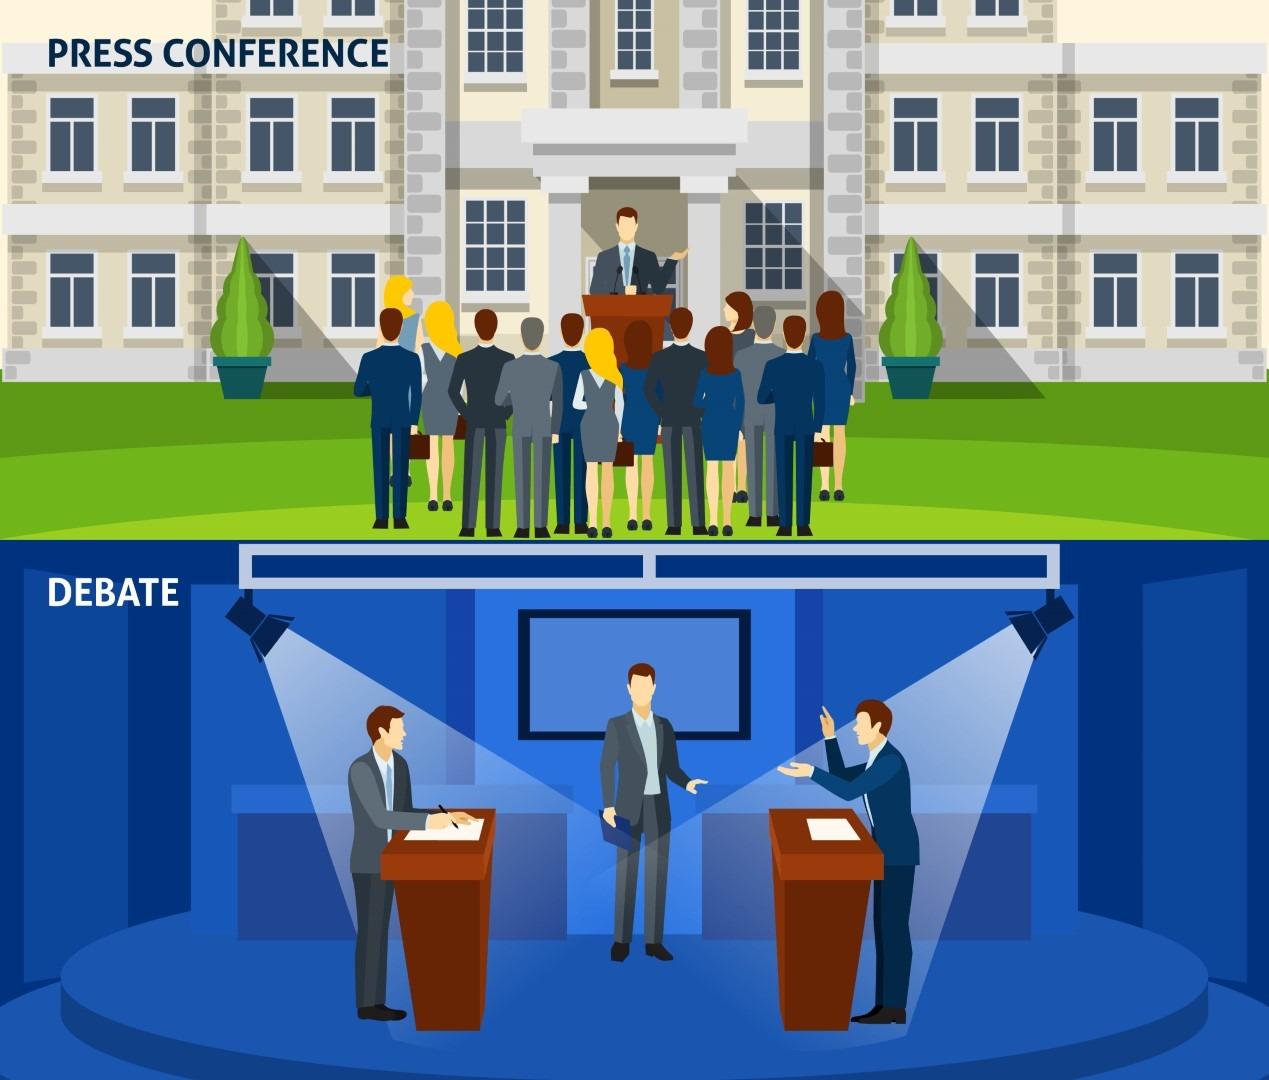 פוליטיקה וממשל